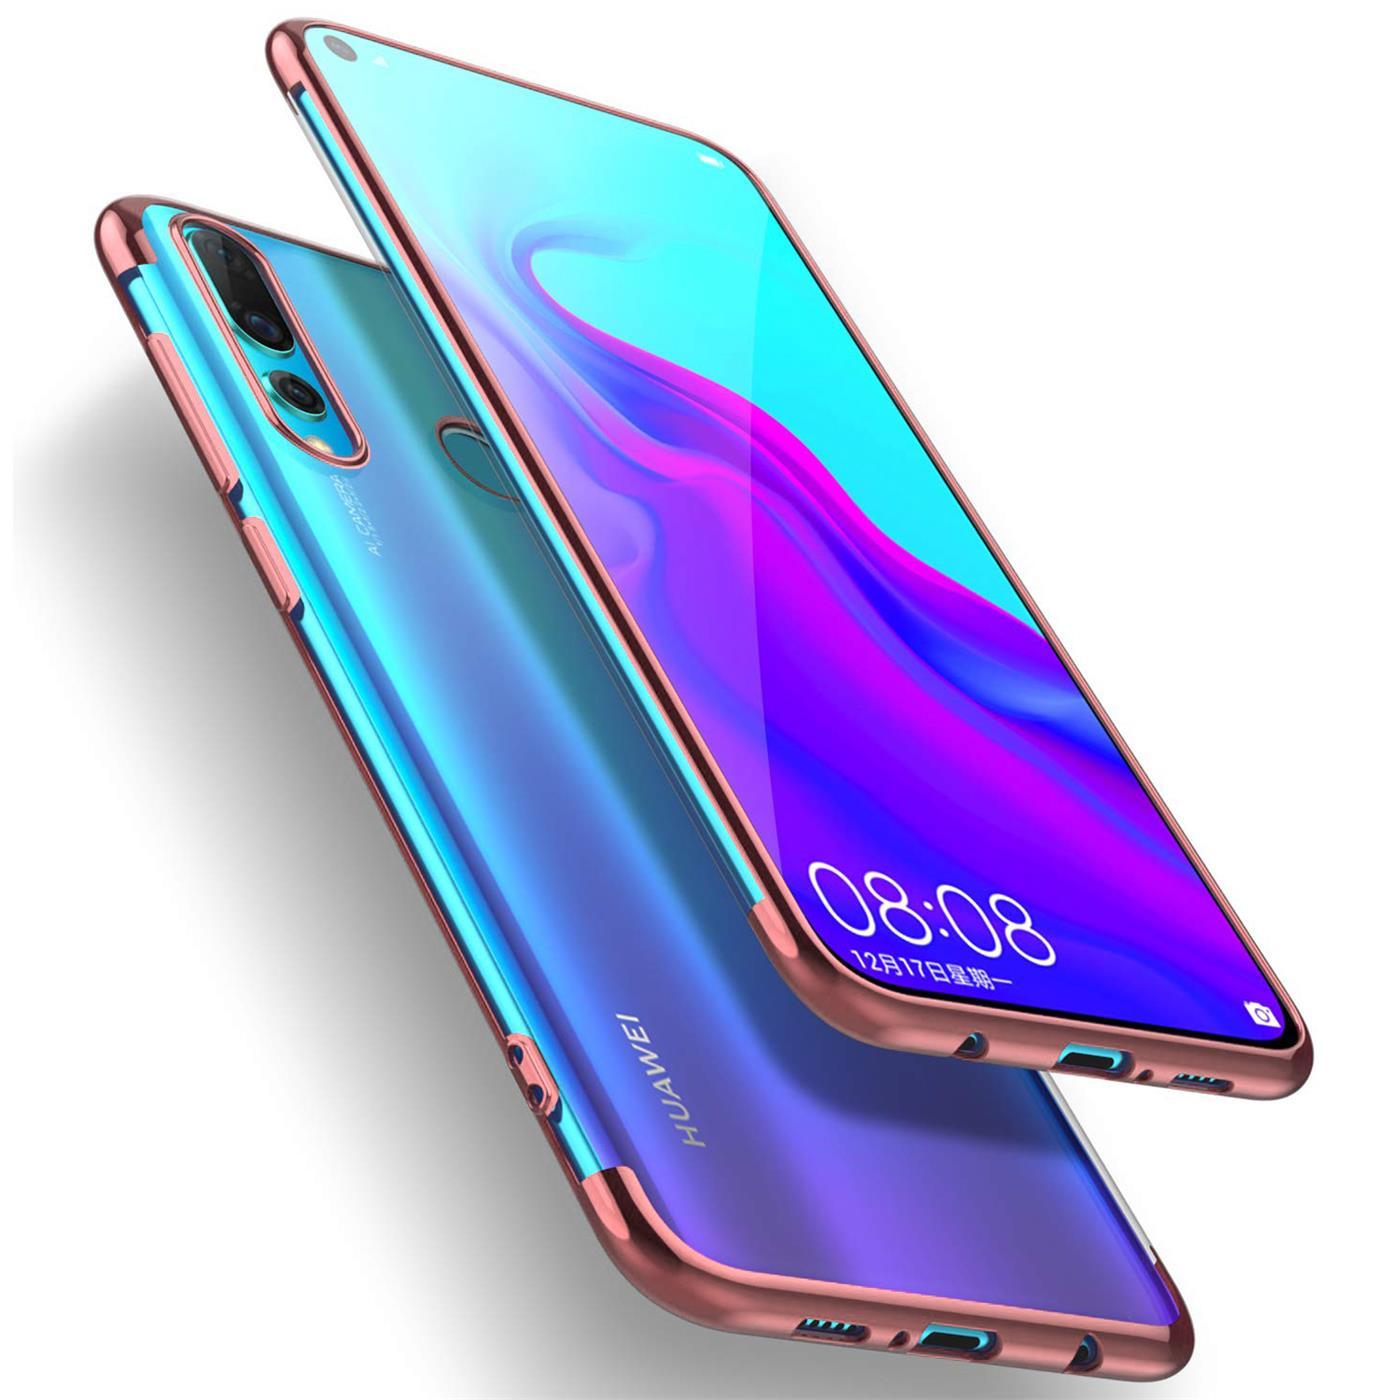 Schutzhuelle-Huawei-P30-P30-Lite-P30-Pro-Handy-Tasche-Slim-Cover-Case-Transparent Indexbild 26